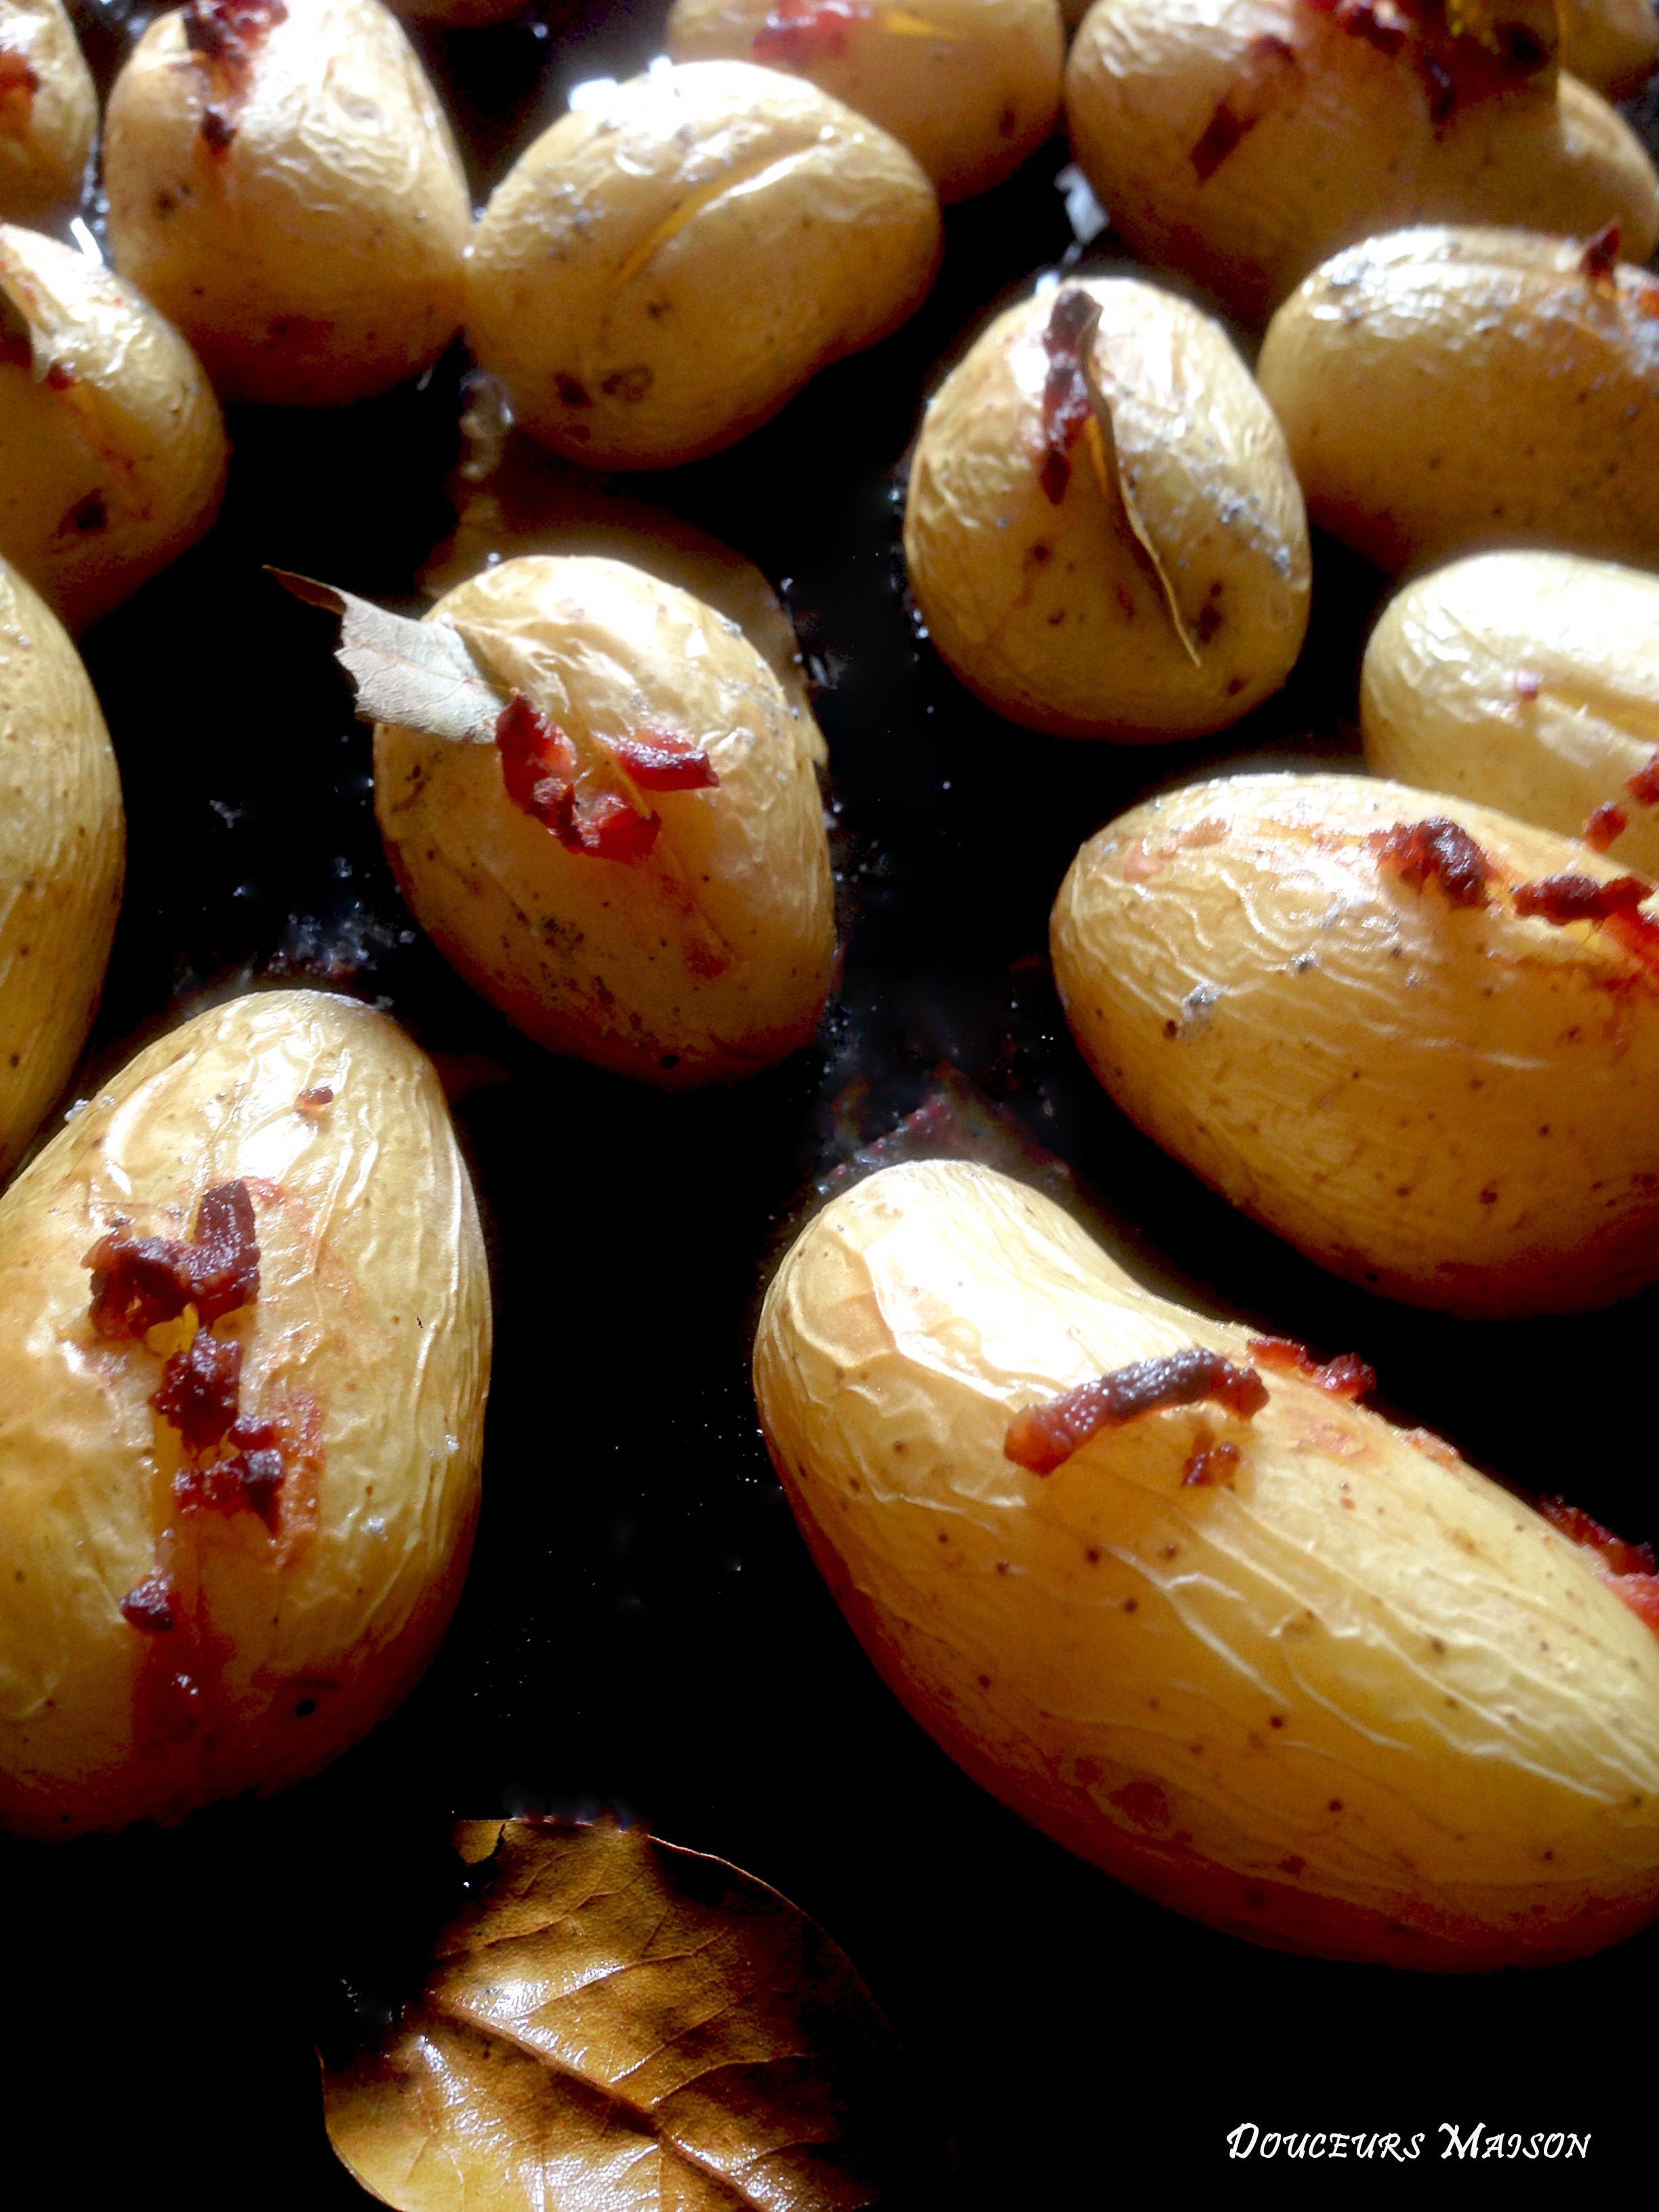 Pommes de terre au lard et laurier douceurs maison - Conservation pommes de terre cuites ...